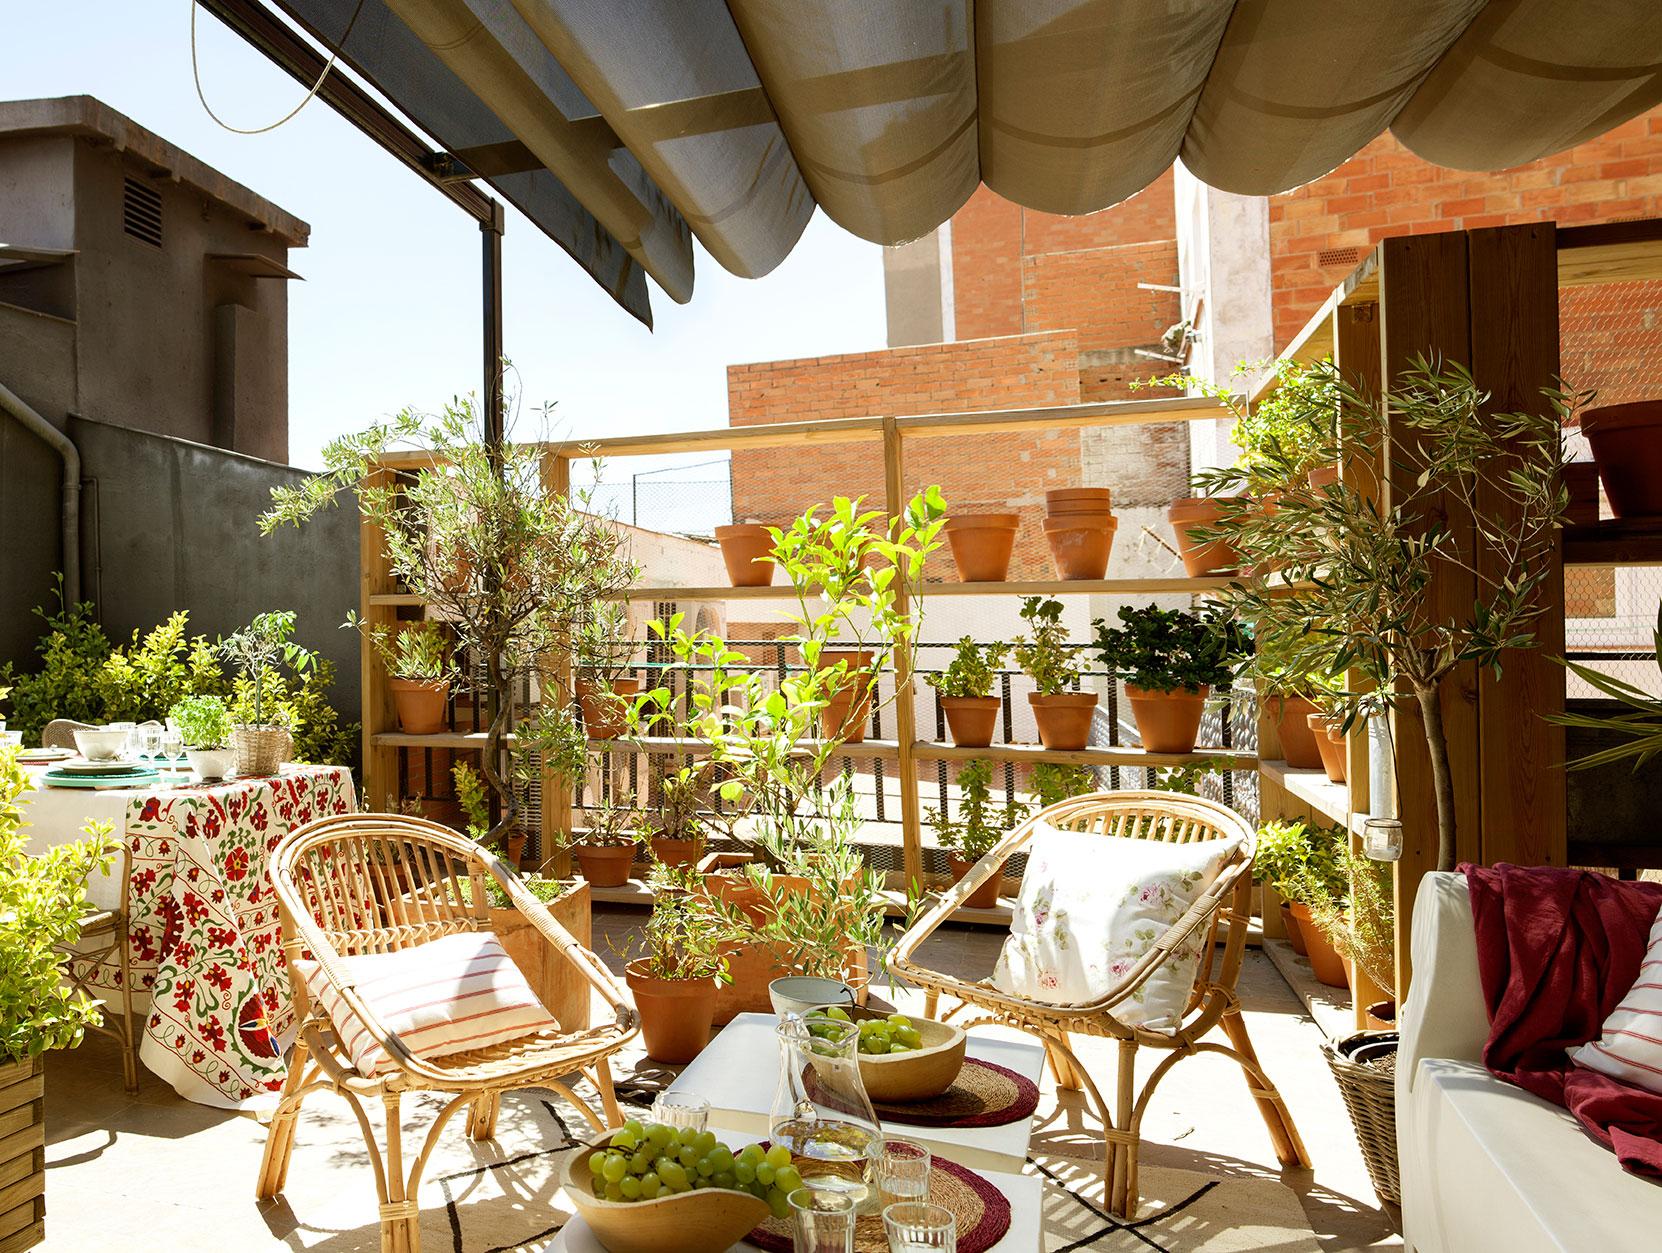 preparar la terraza para el verano